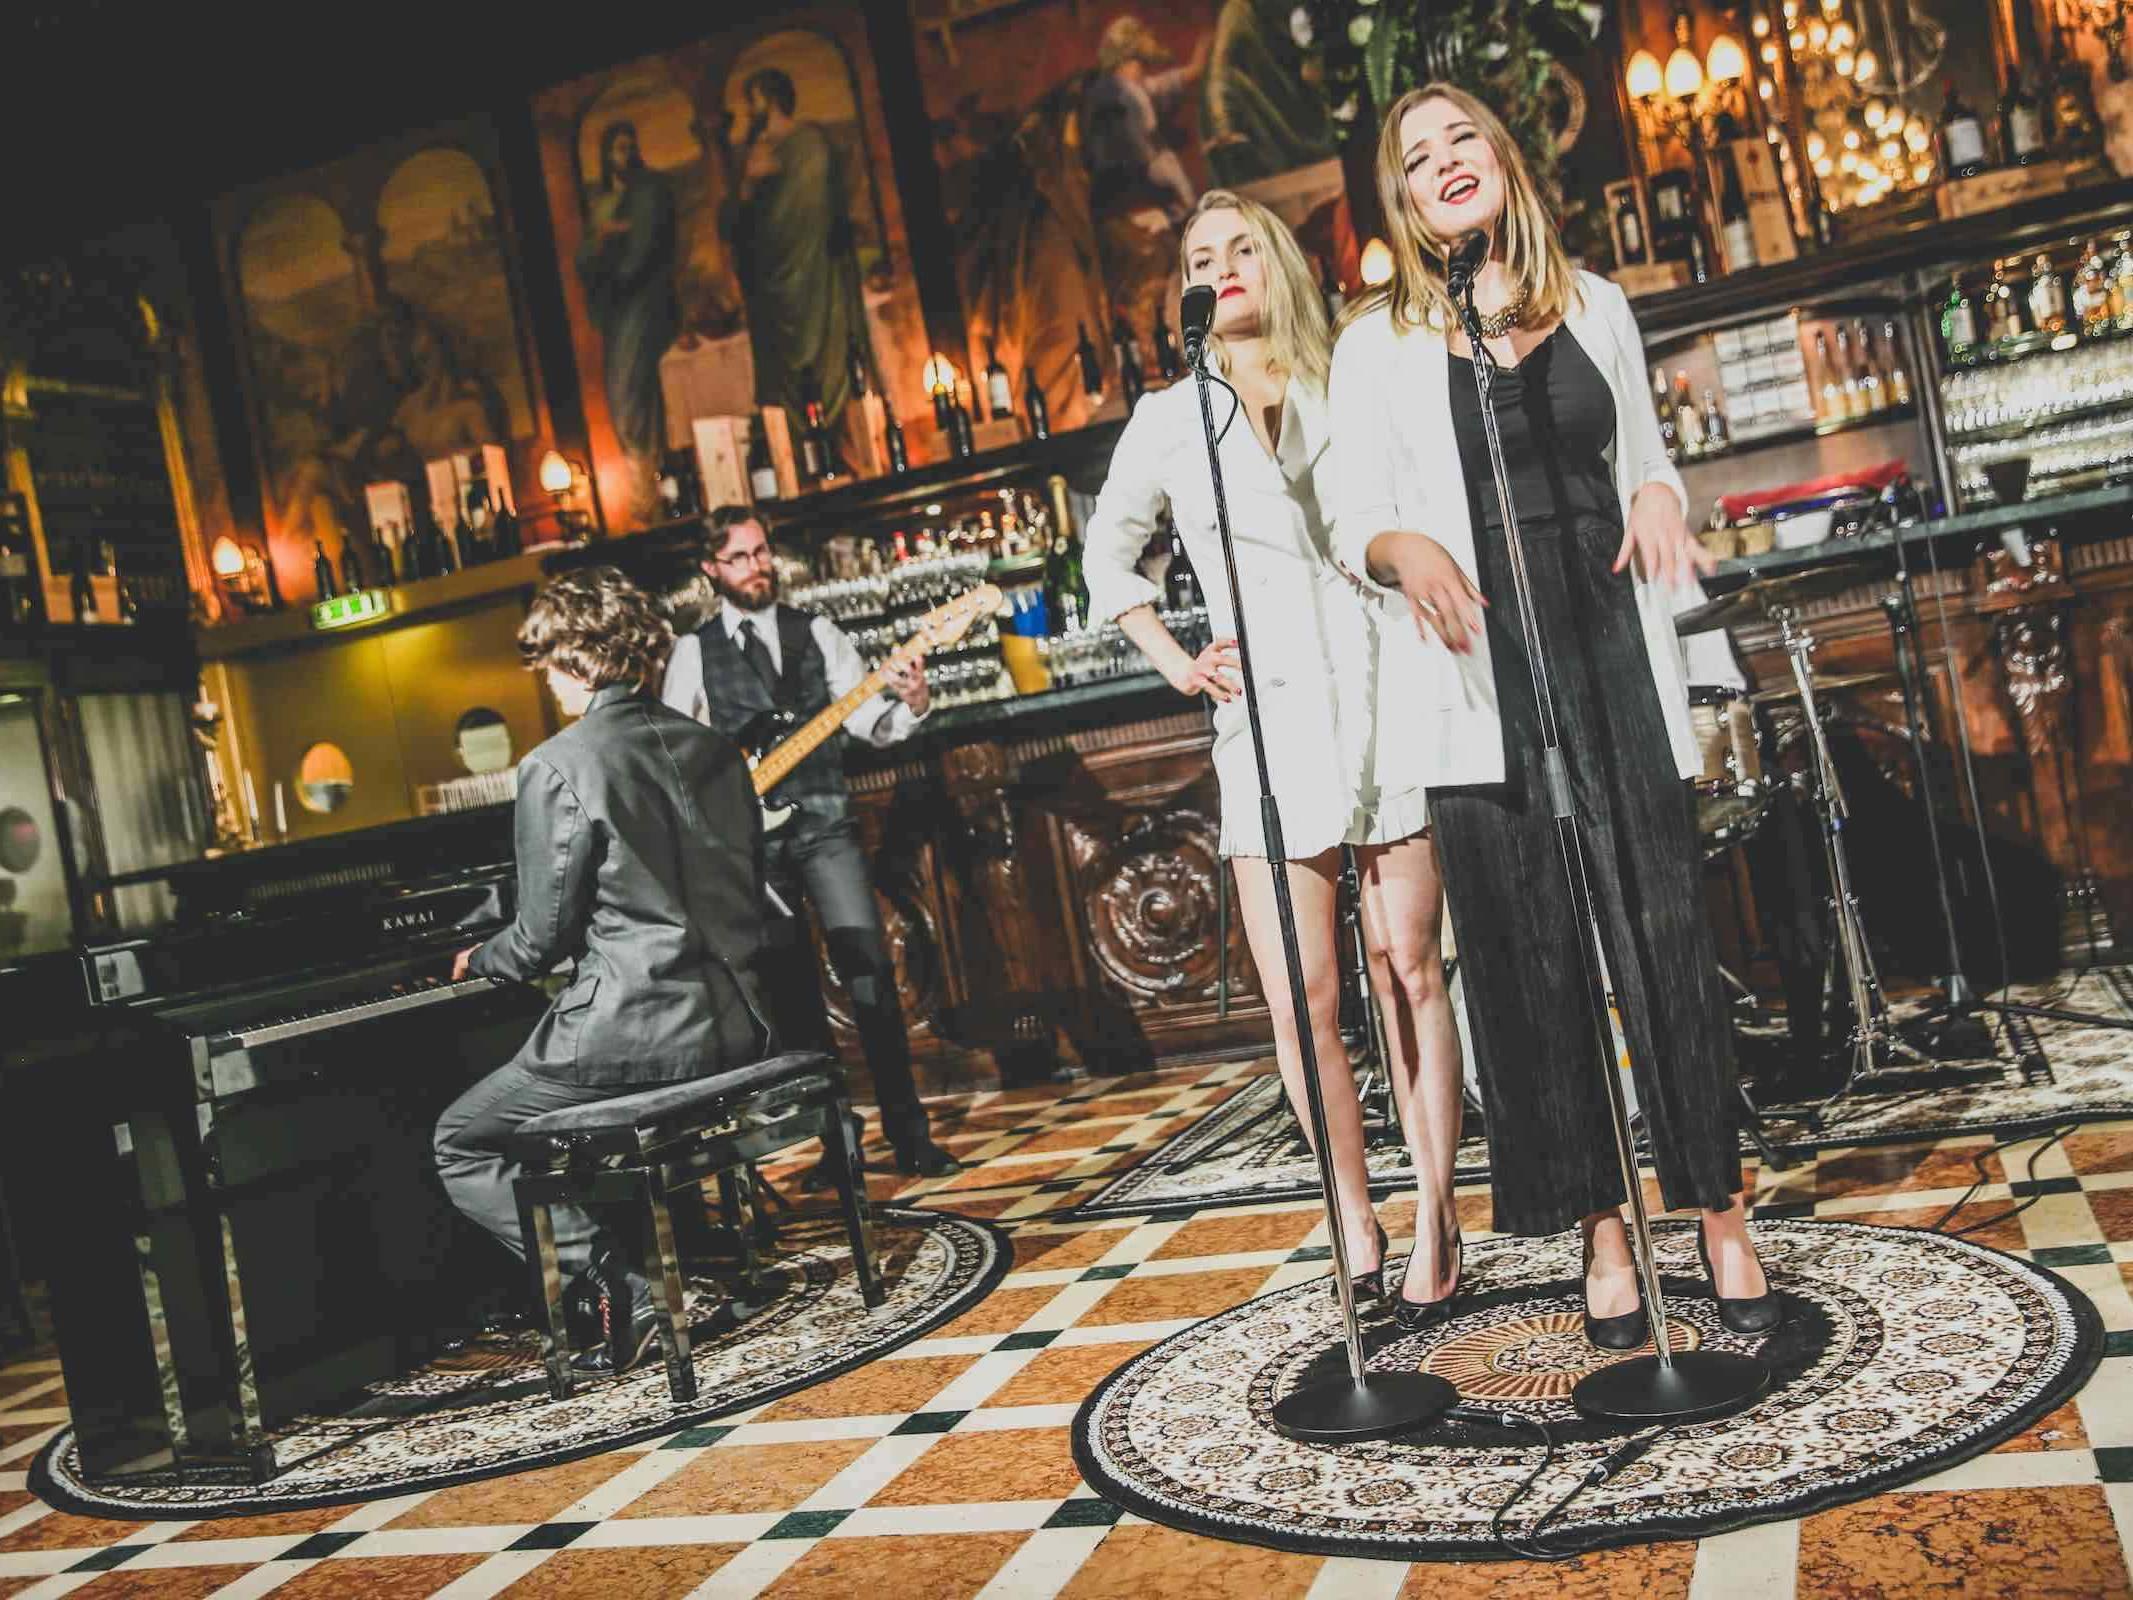 Band   Hamburg   Hochzeit   Liveband   Partyband   Popband   Jazzband   Swingband   Messeparty   Lounge   Band   Empfang   Pop   Jazz   Sänger   Messe   Firmenfeier   Charity   Gala   Buchen   Mieten   Hamburgfeiert